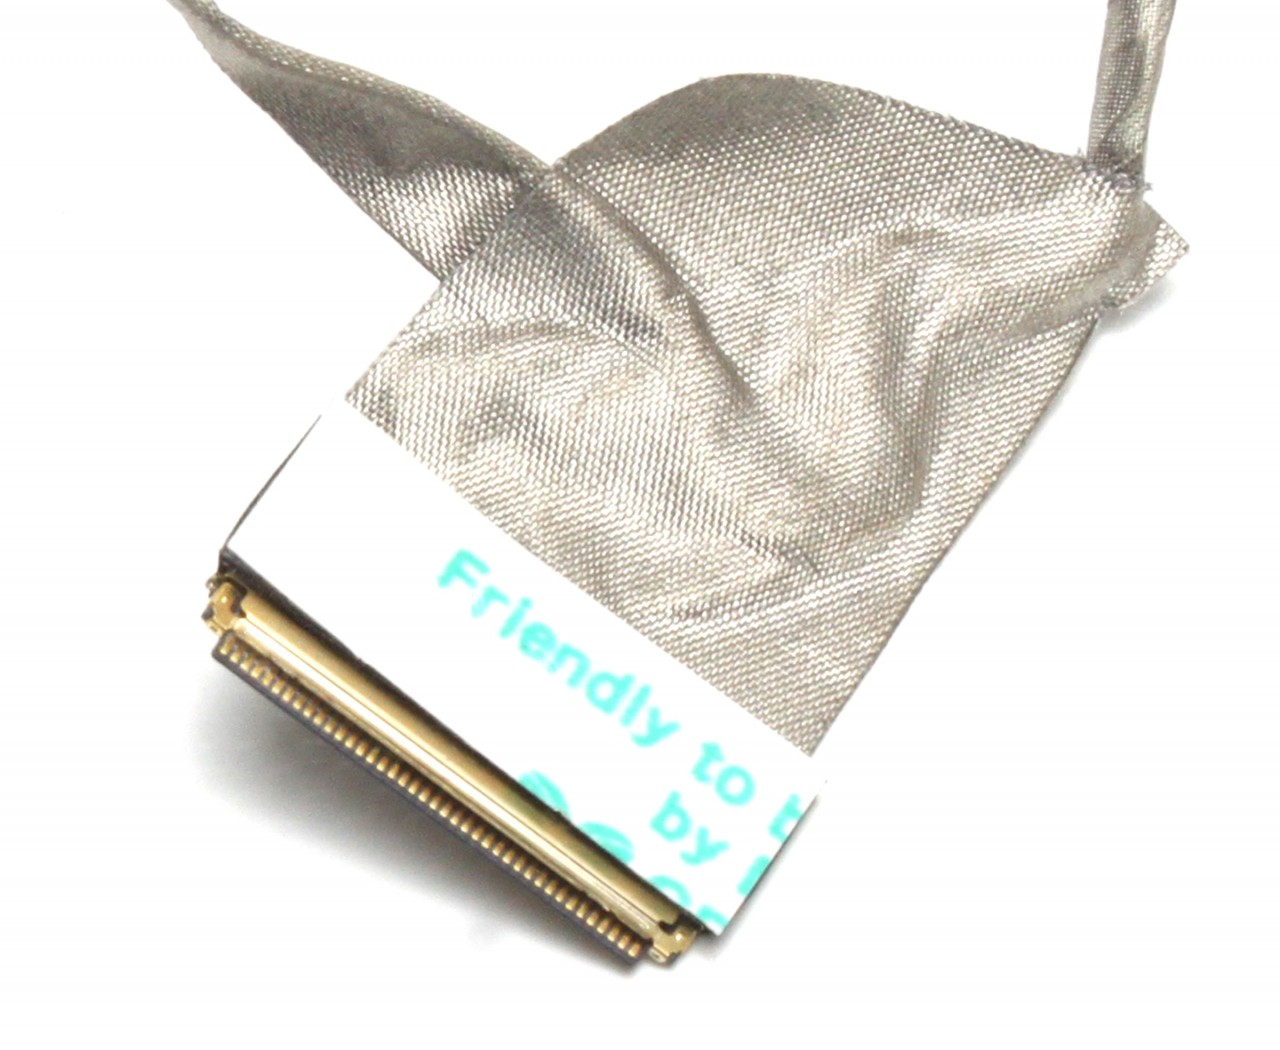 Cablu video LVDS Fujitsu LifeBook AH530 imagine powerlaptop.ro 2021